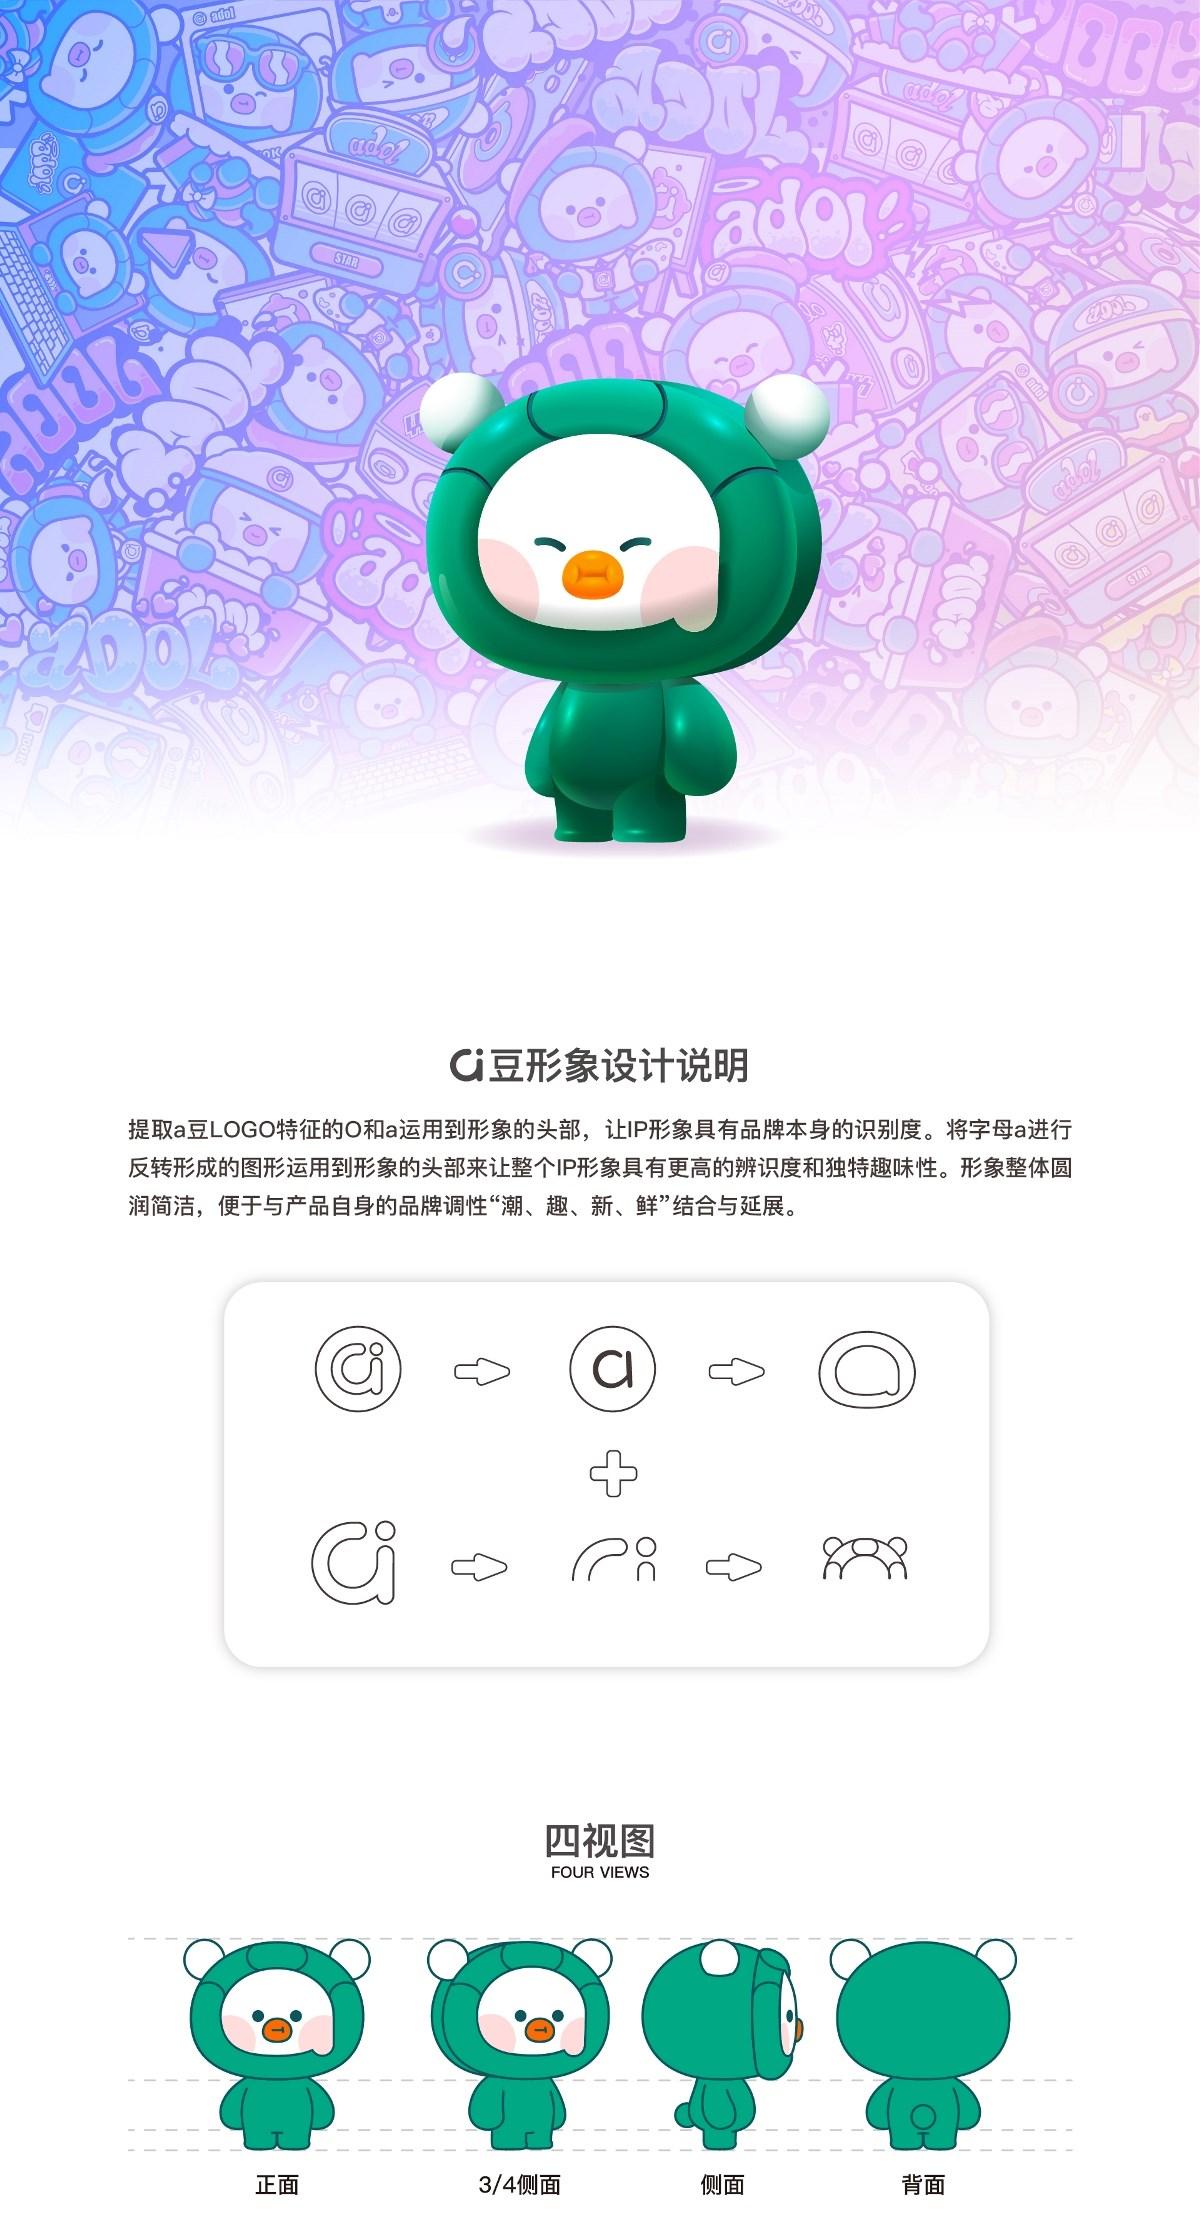 【a豆潮流有色】品牌IP形象創作